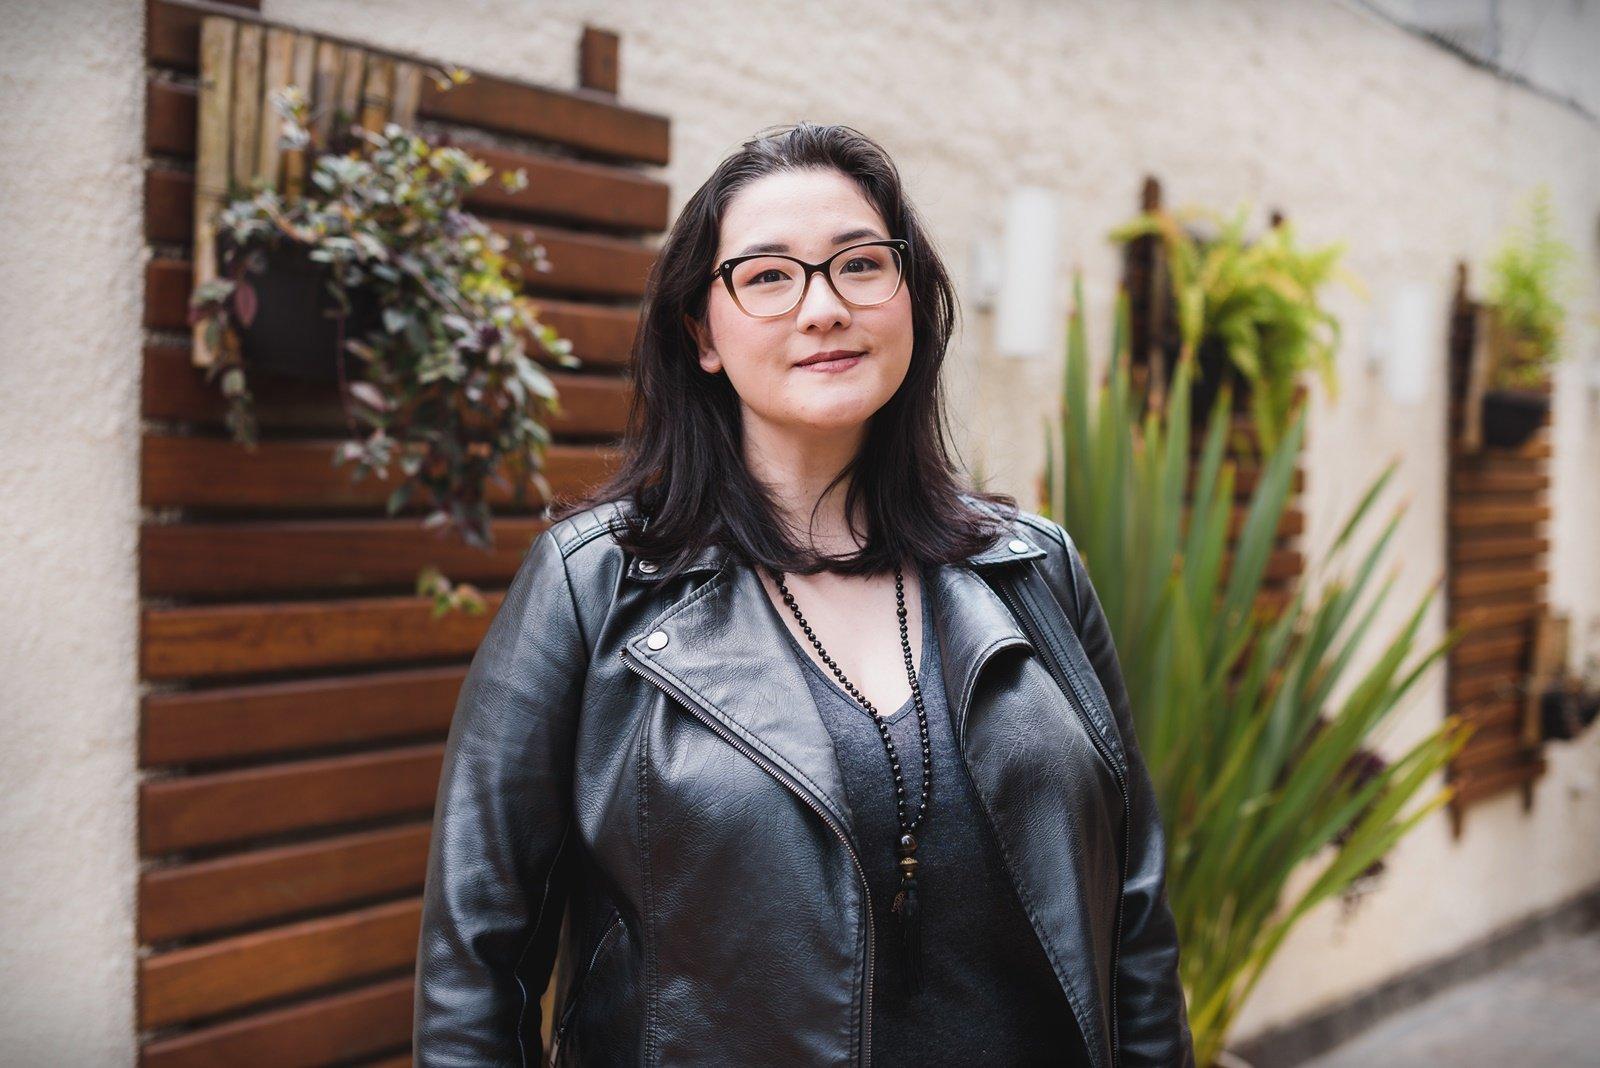 Mulheres em Data Scientist - foto de Helena Yoshioka